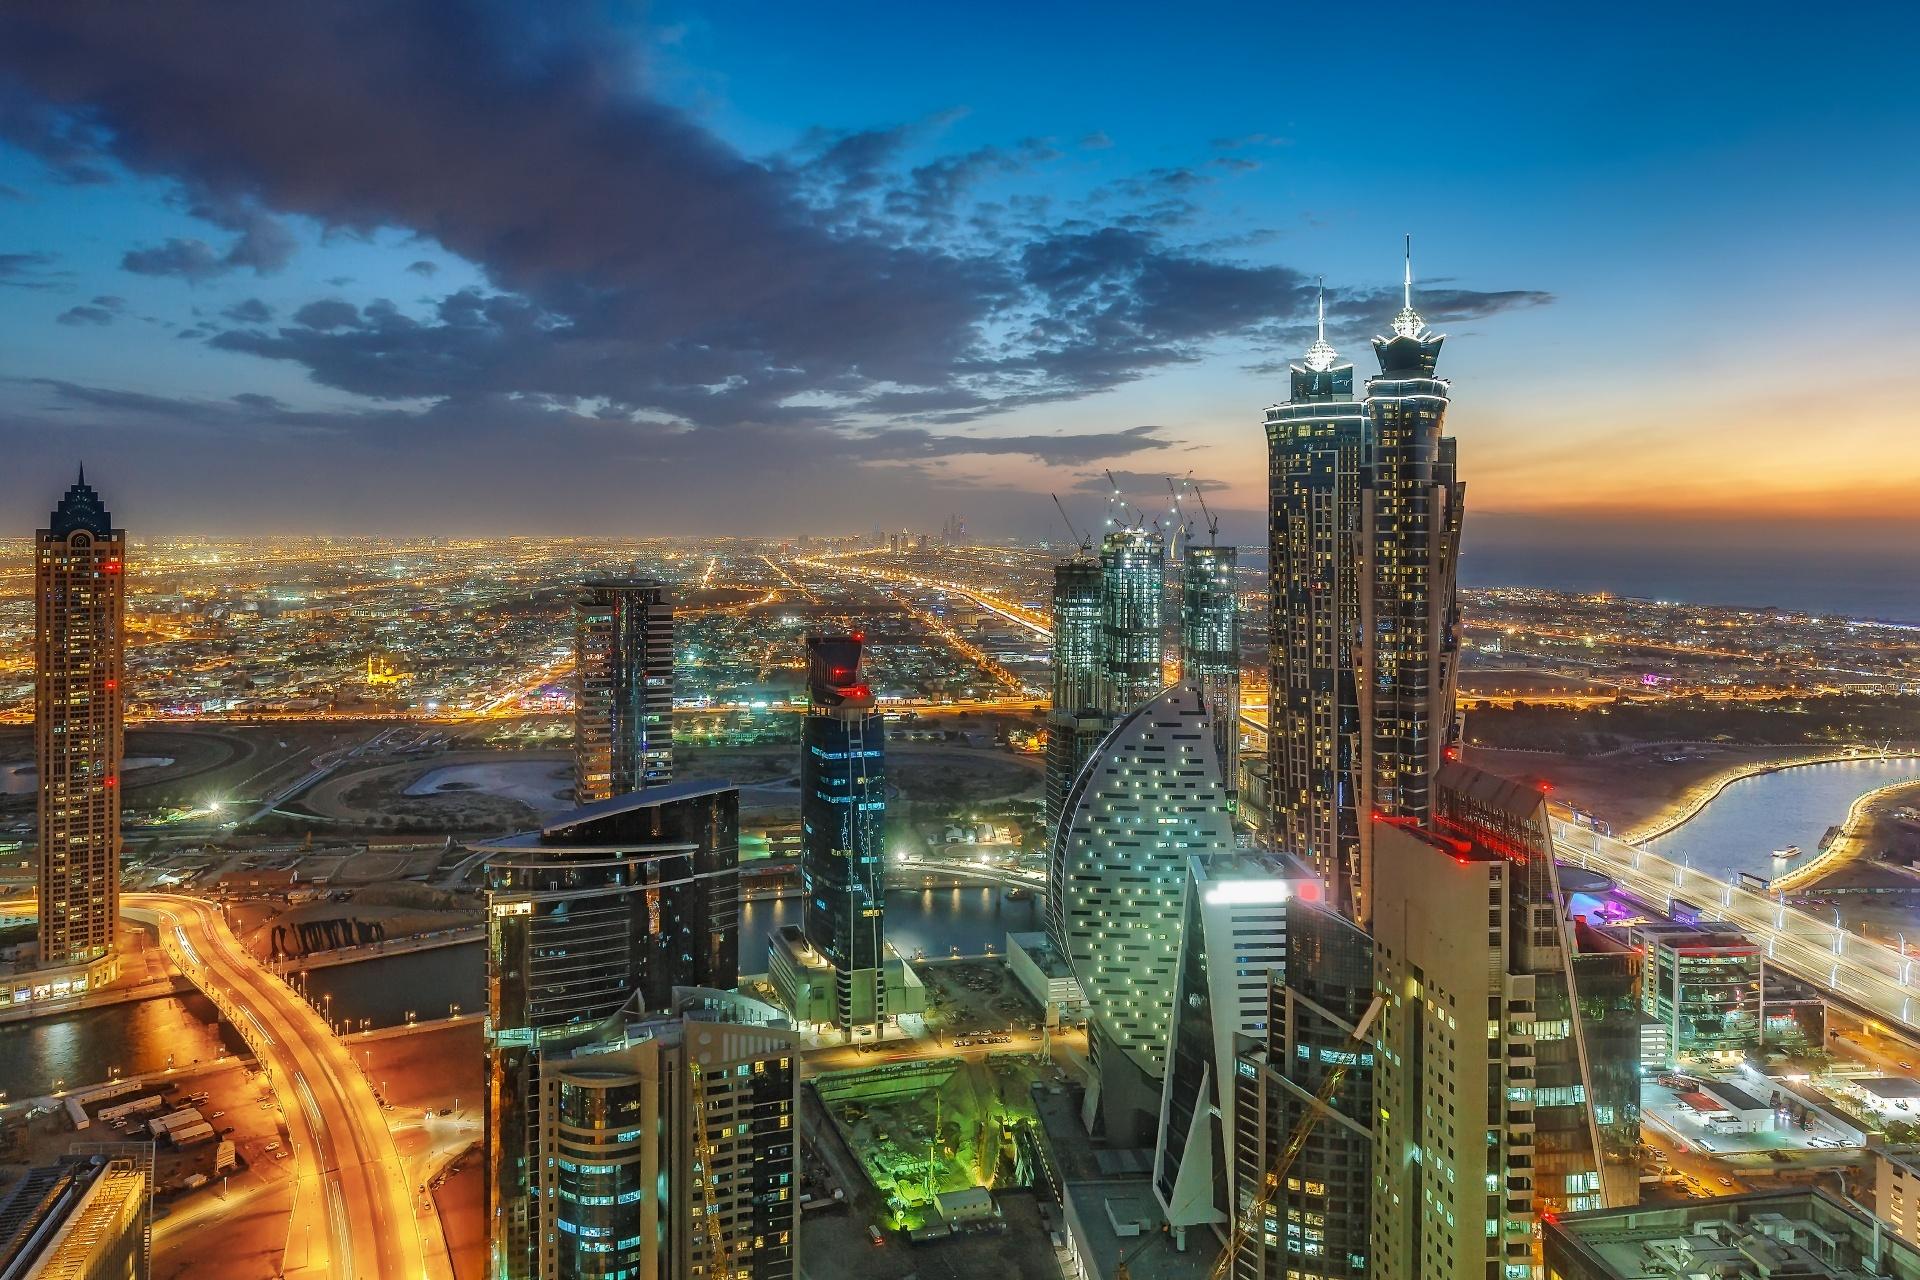 ドバイの高層ビル群と街の風景 アラブ首長国連邦の風景